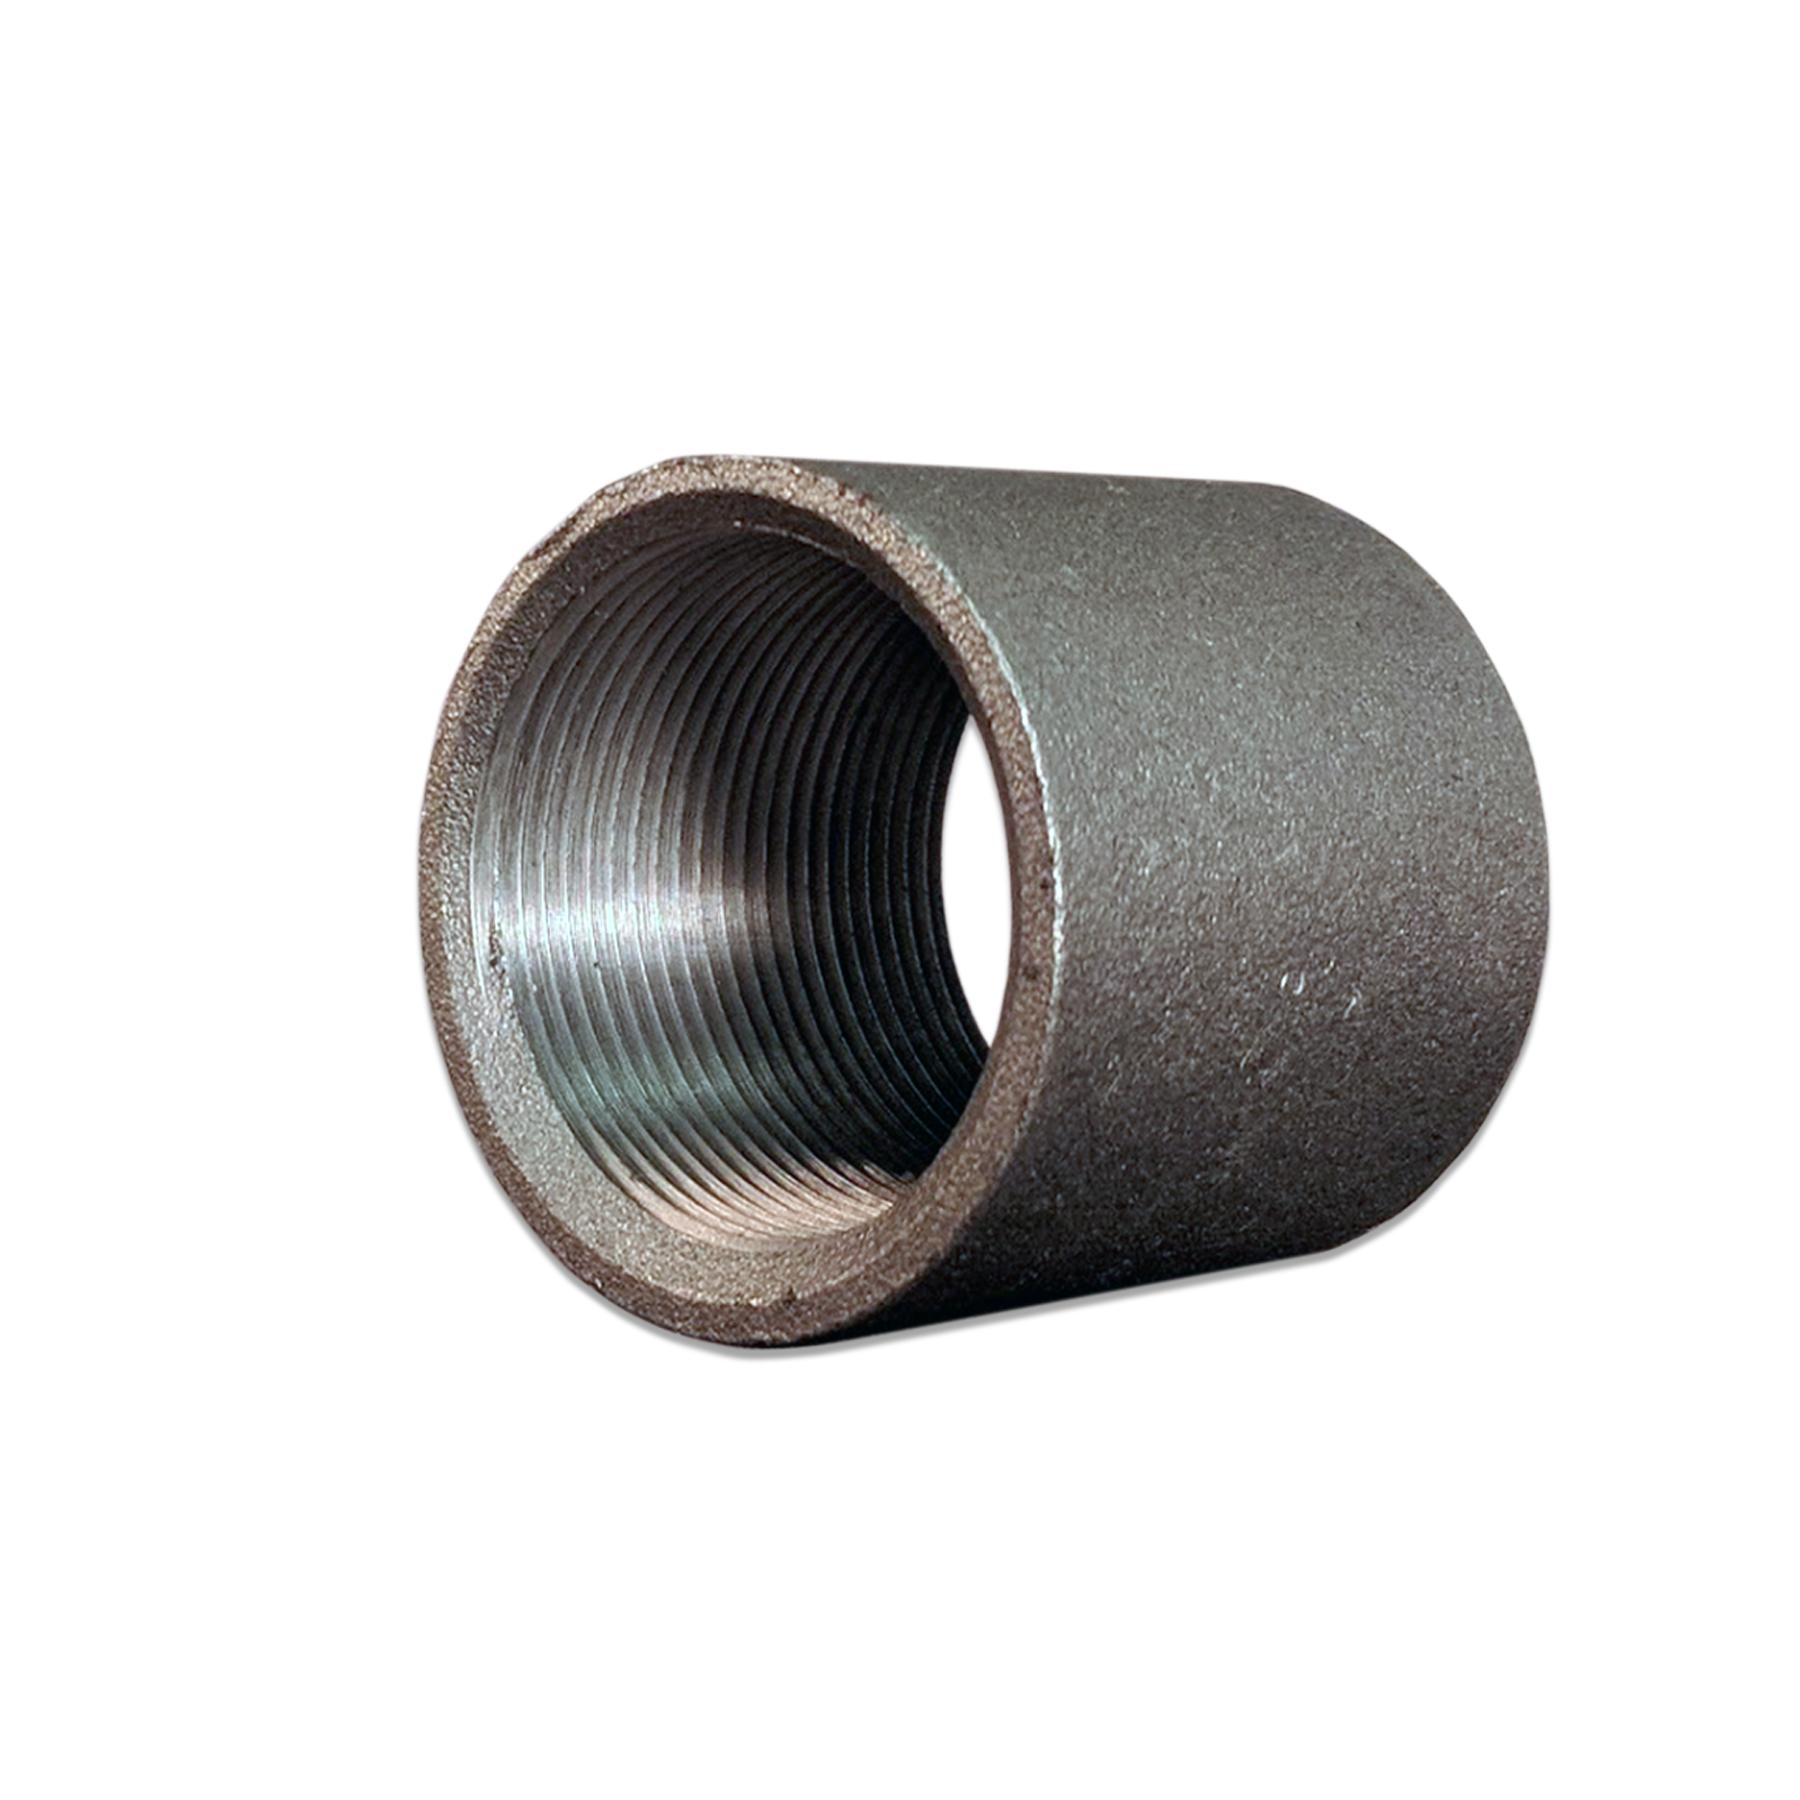 Steel Coupling Fitting, 1.5 NPS, 2 in. Long